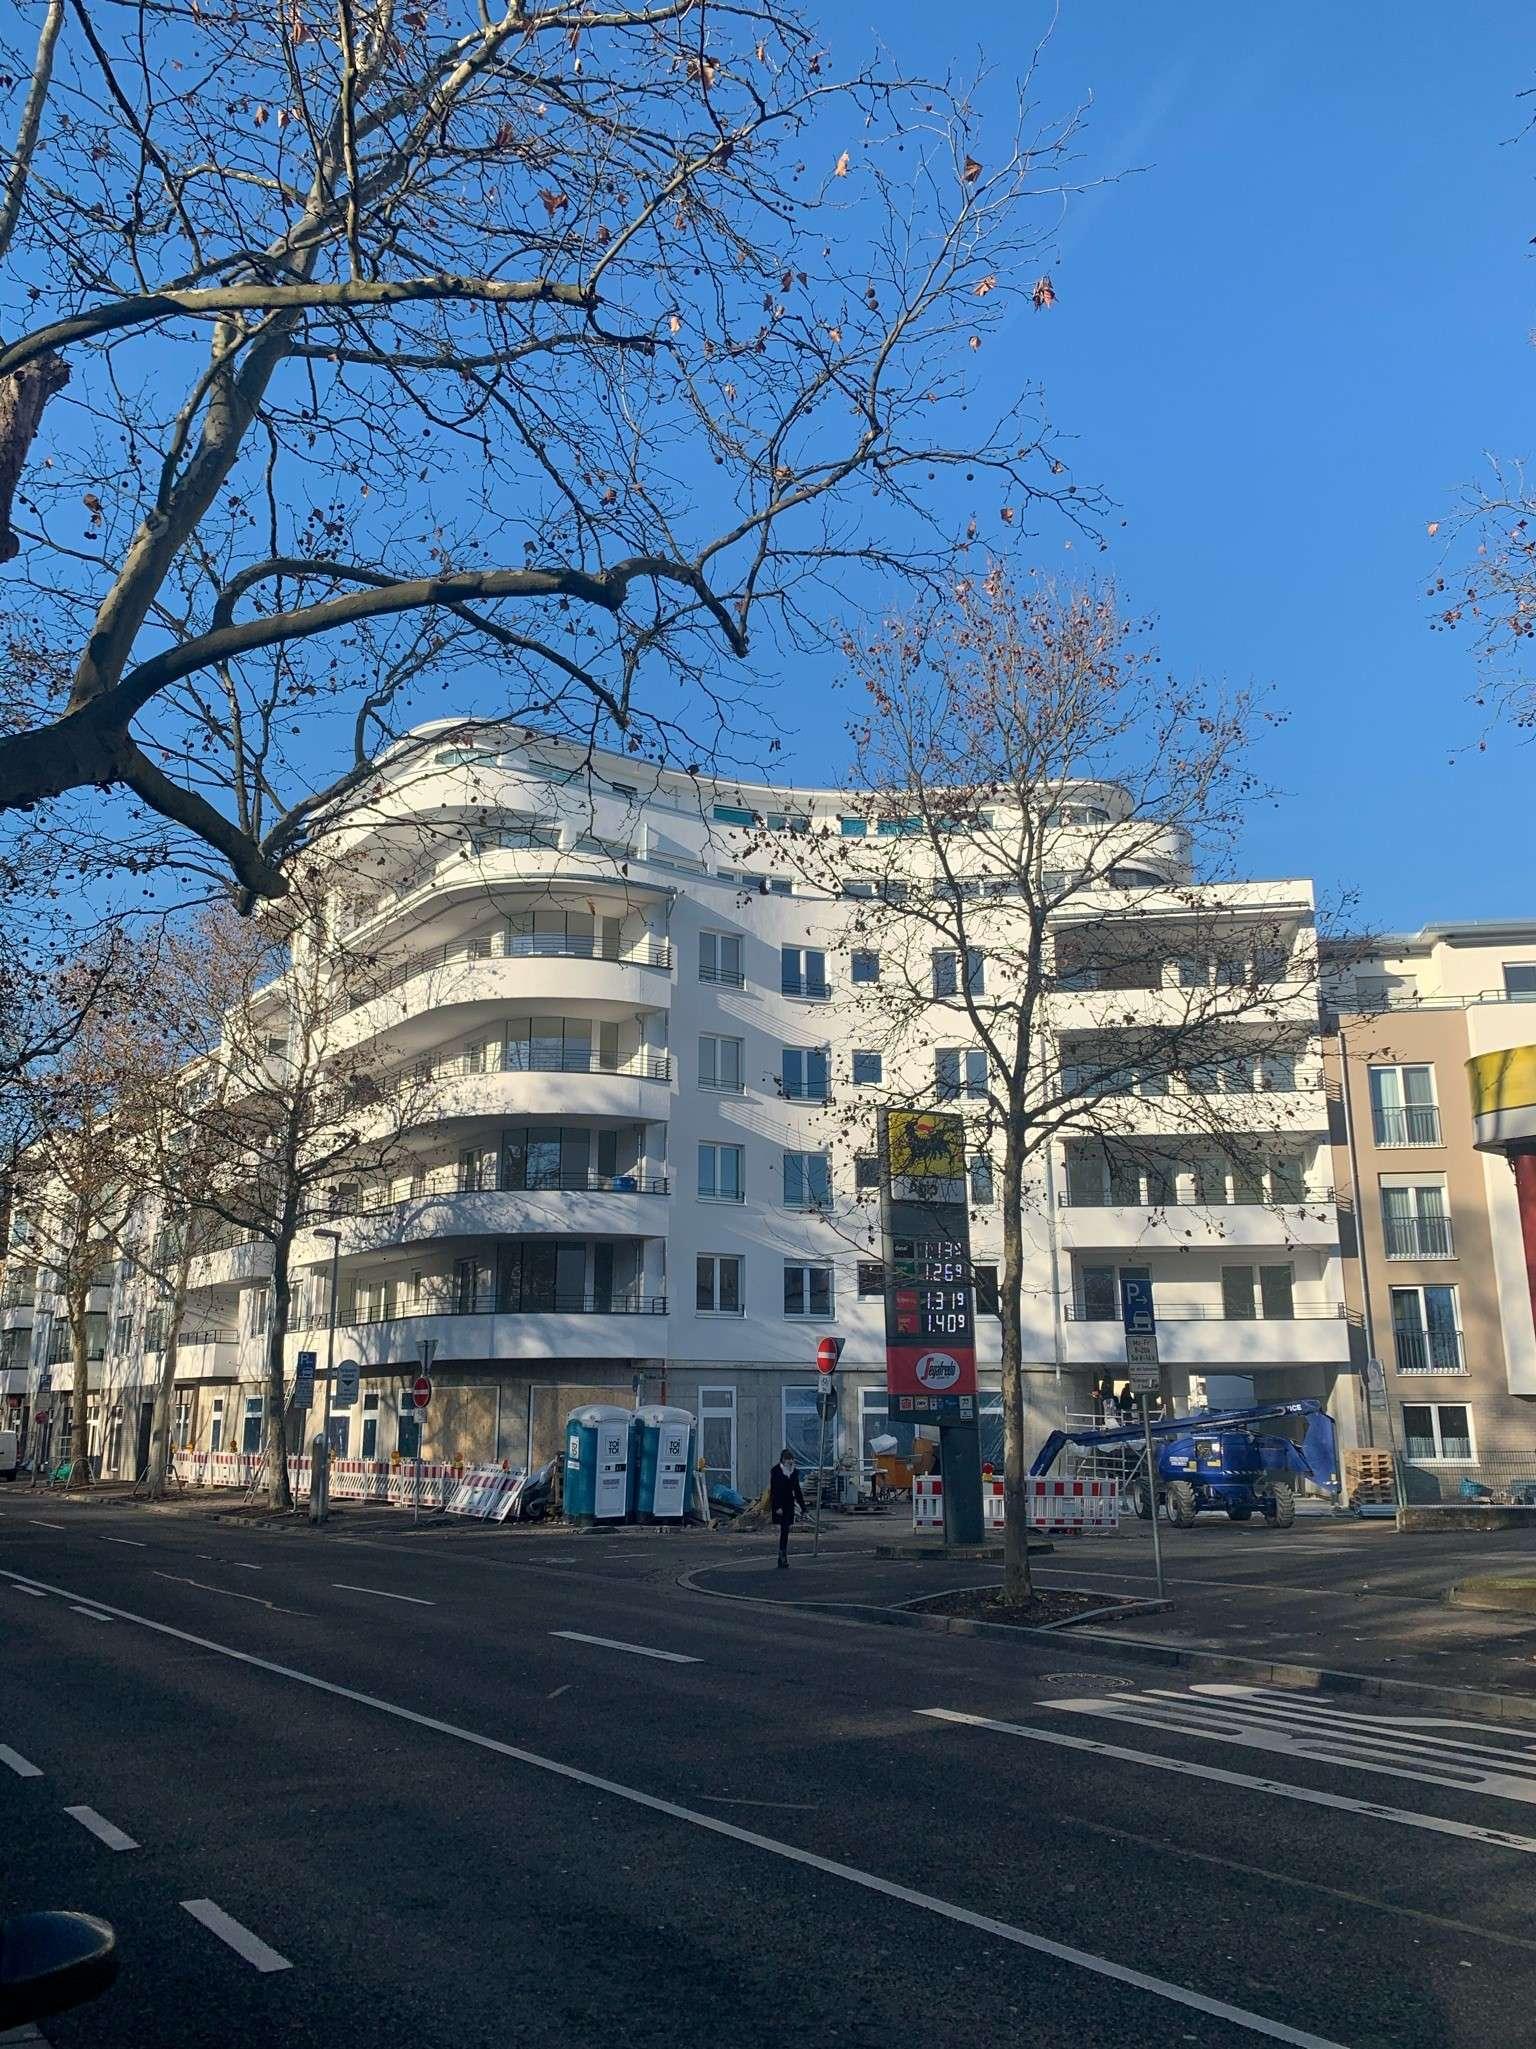 ERSTBEZUG - Exklusive 3-Zi.-Wohnung m. verglaster Loggia in bester Innenstadtlage am Park Schöntal! in